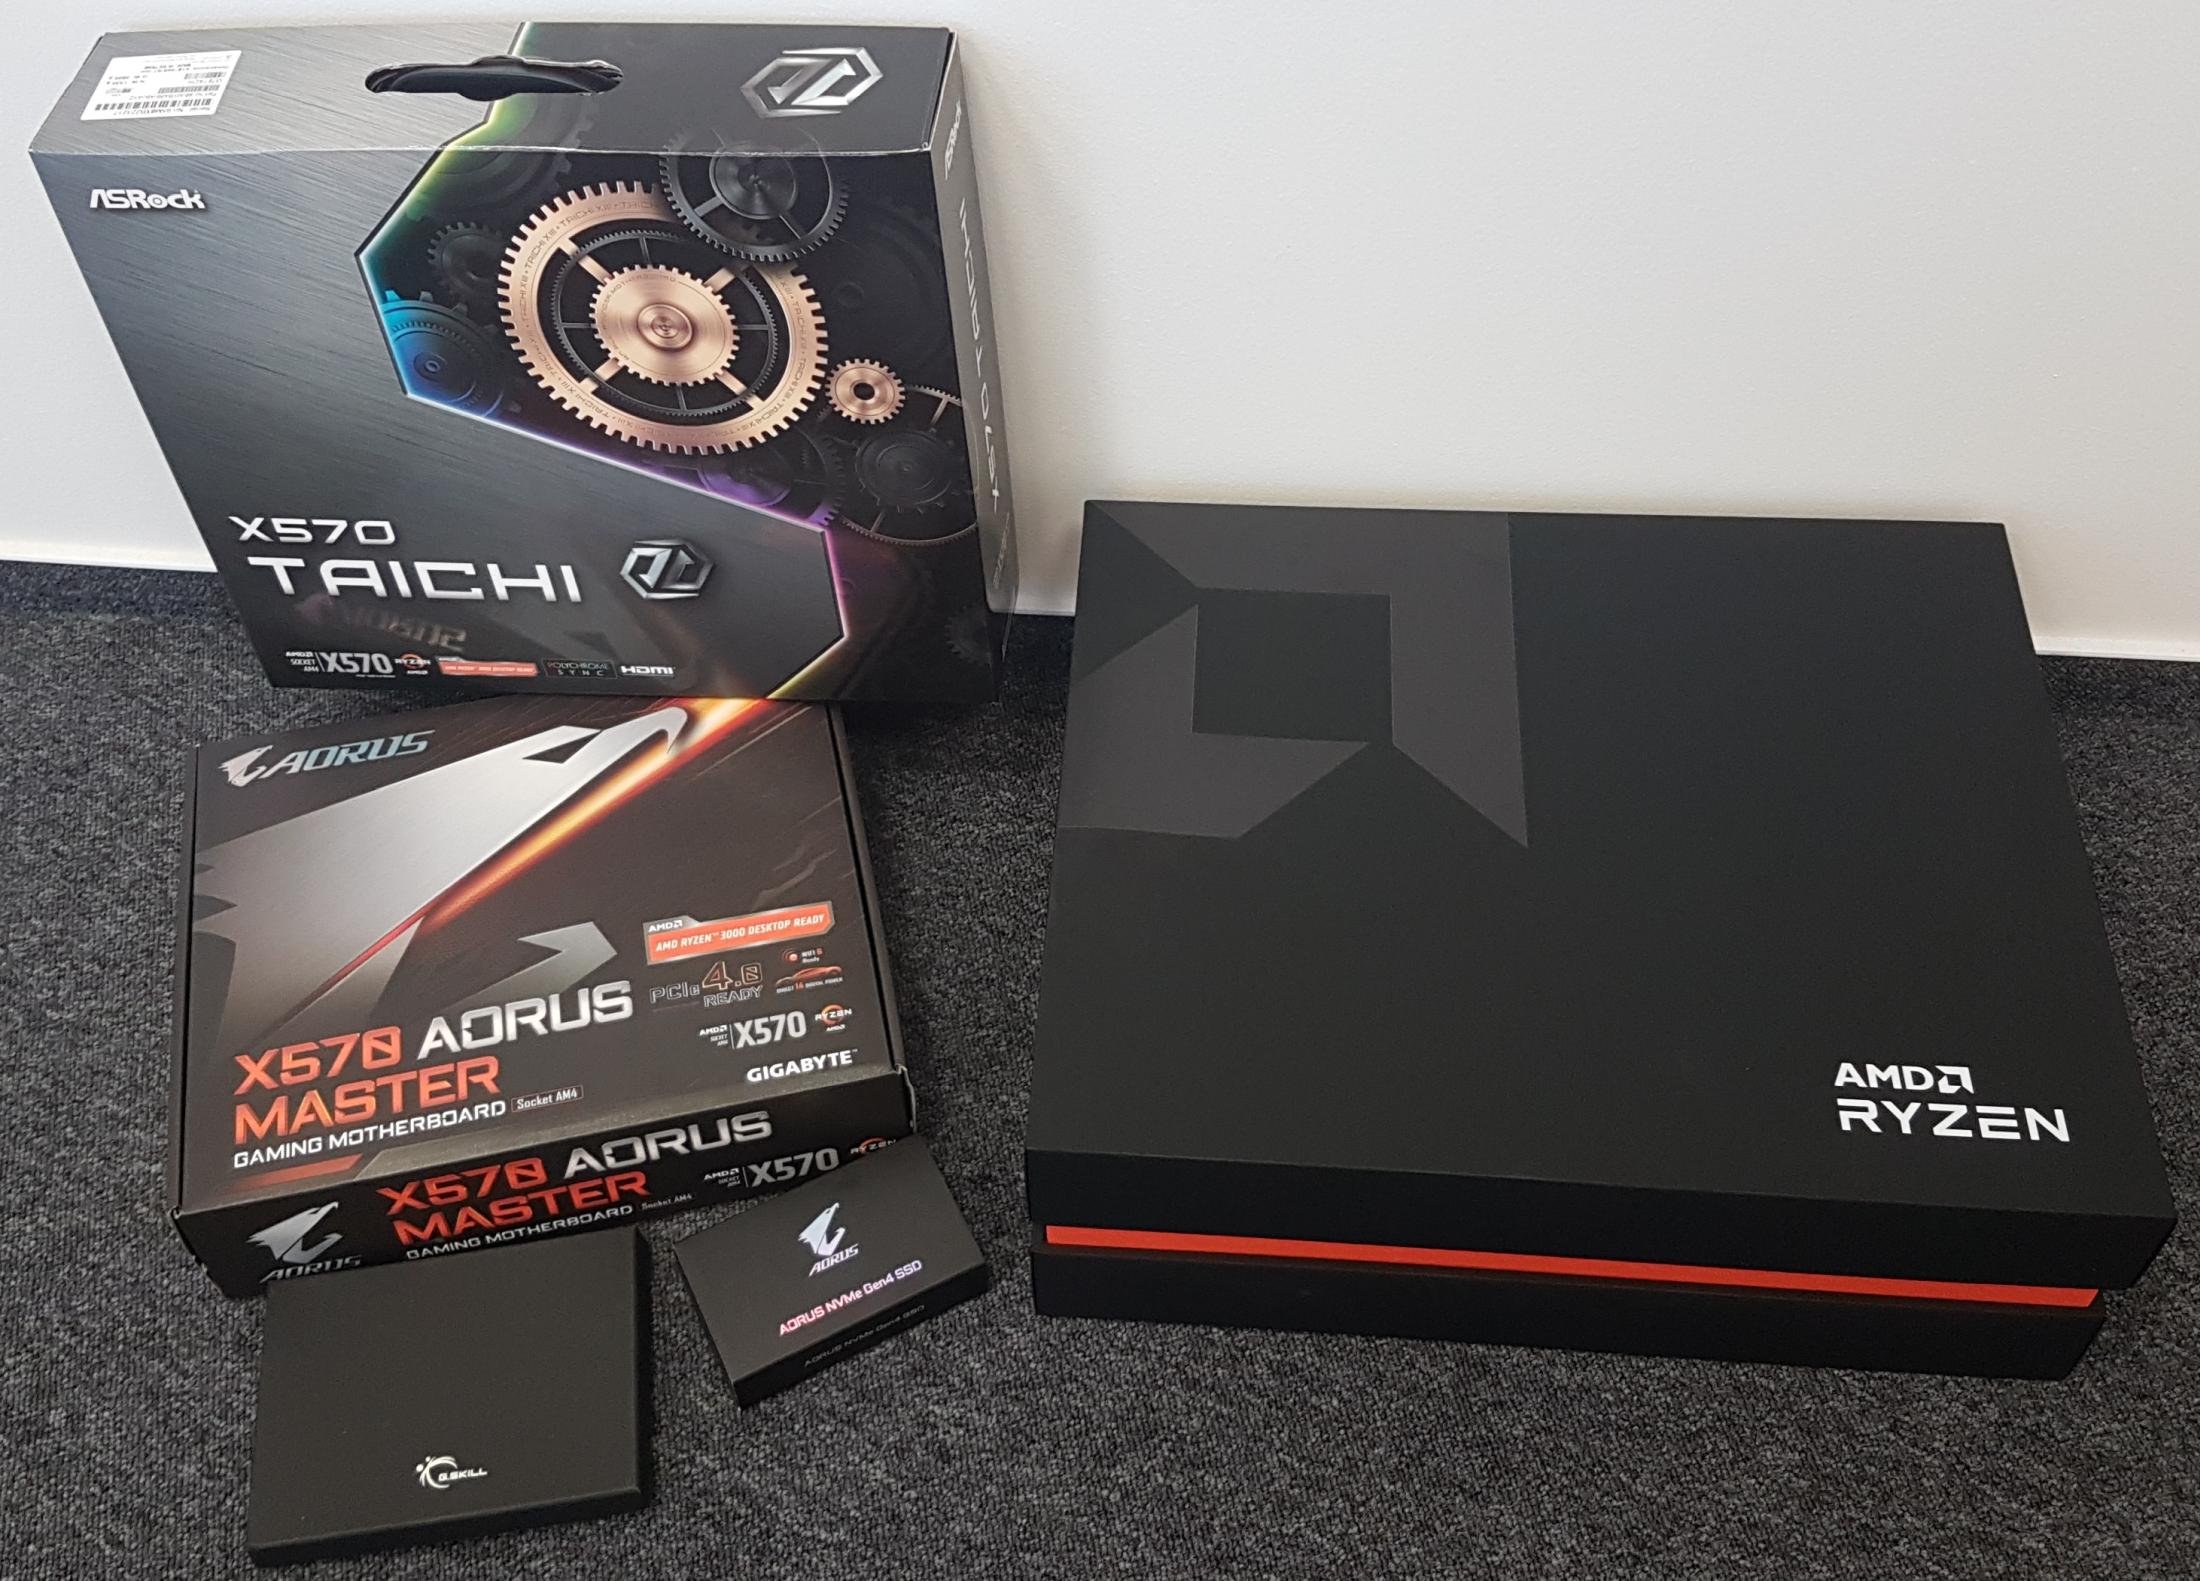 RECENZE: AMD Ryzen 9 3900X – dvanáct jader vstupuje do mainstreamu